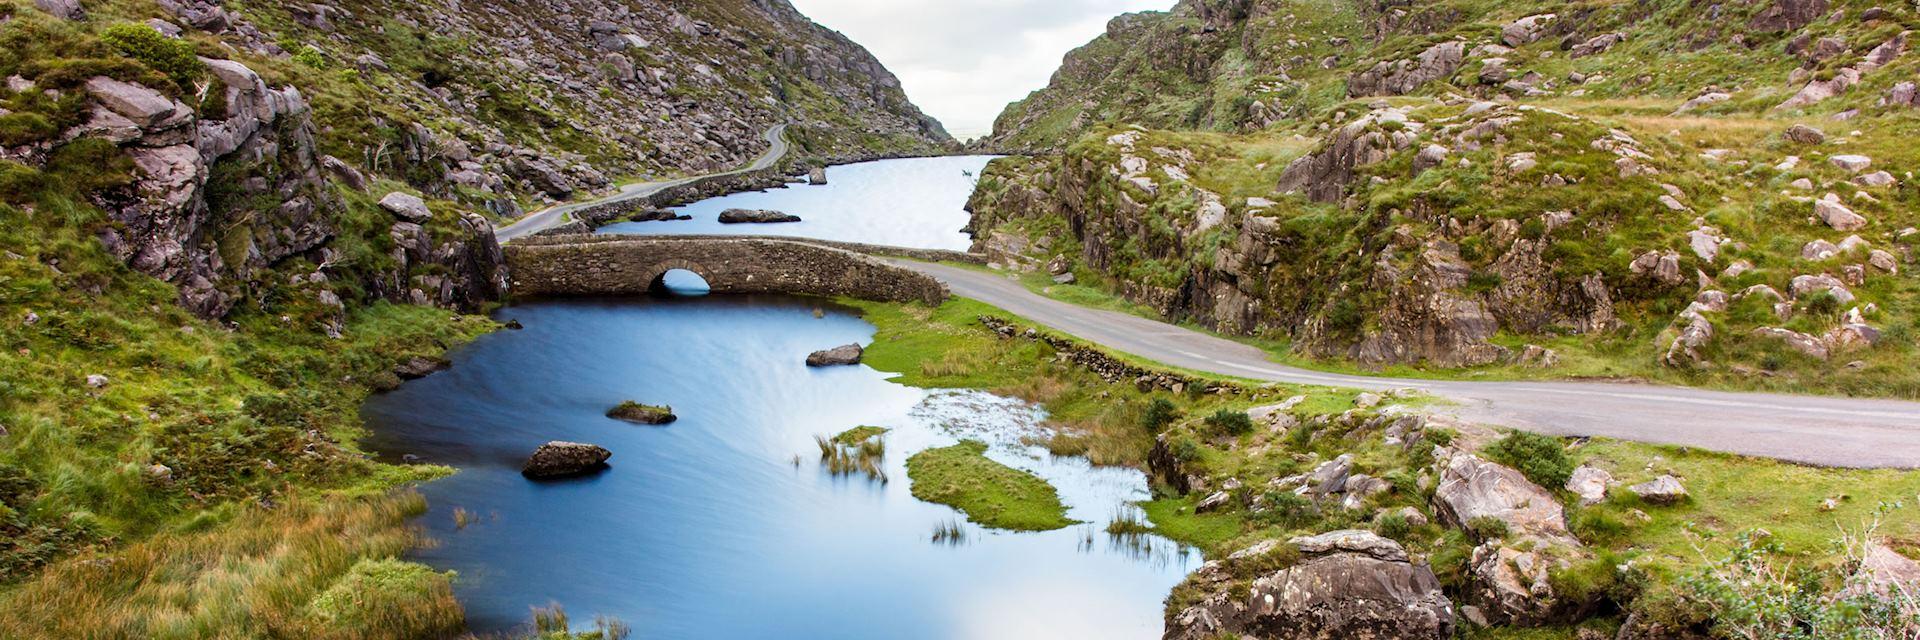 Black Lough, Gap of Dunloe, Killarney